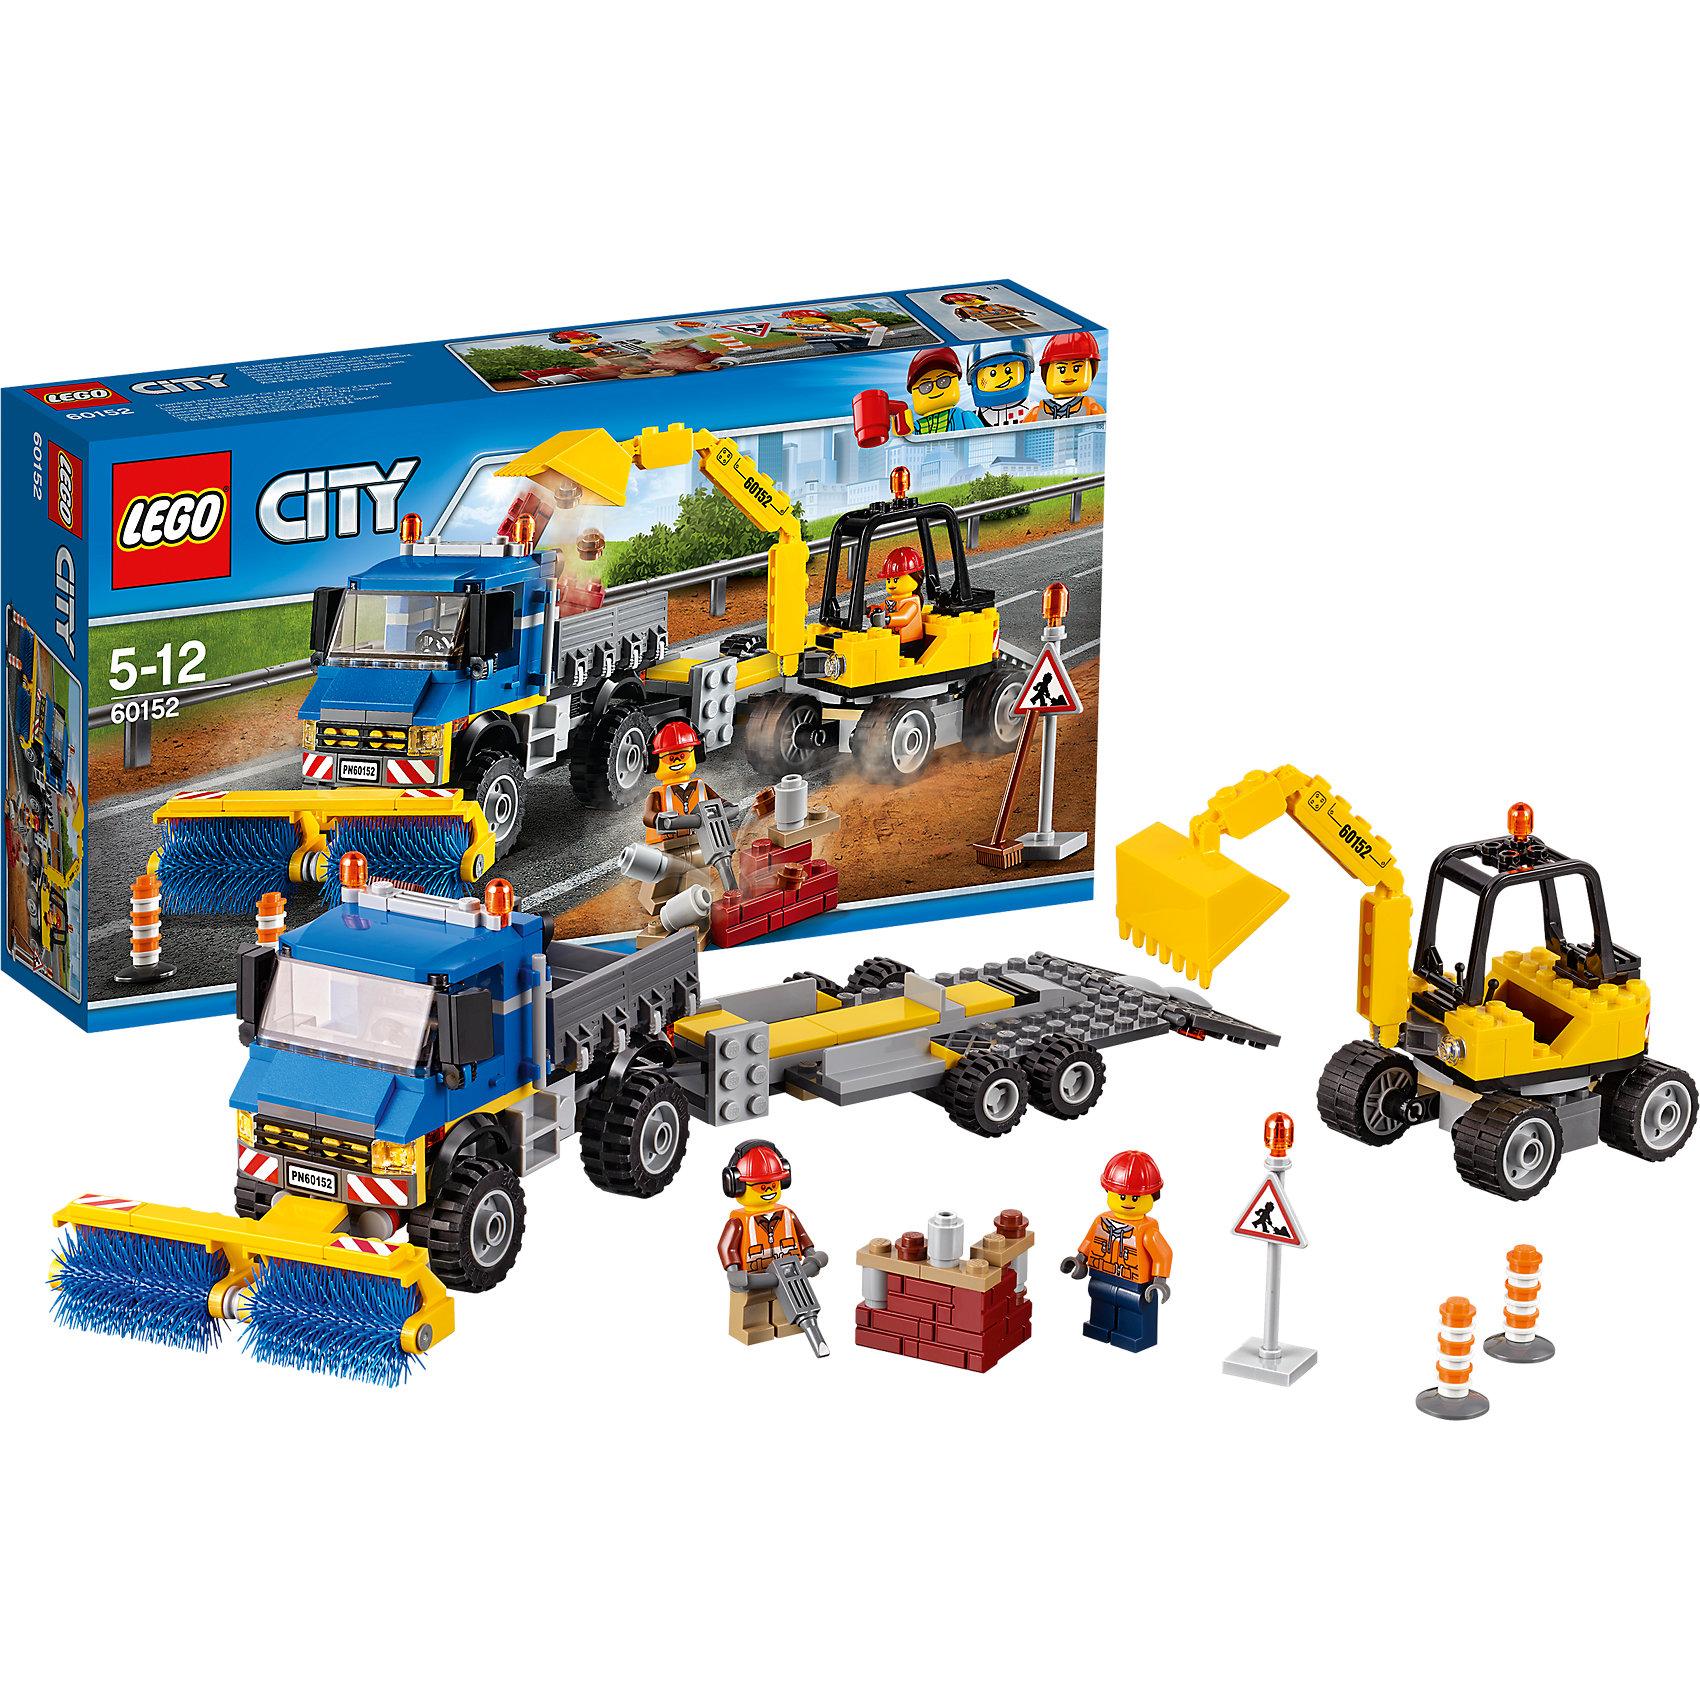 LEGO City 60152: Уборочная техникаПластмассовые конструкторы<br>LEGO City 60152: Уборочная техника<br><br>Характеристики:<br><br>- в набор входит: экскаватор, самосвал с прицепом, кирпичи, наклейки для оформления, 2 минифигурки, аксессуары, инструкция<br>- состав: пластик<br>- количество деталей: 299<br>- приблизительное время сборки: 60 минут<br>- размер коробки: 19 * 7 * 35 см.<br>- размер экскаватора: 13 * 6 * 8 см.<br>- размер прицепа: 17 * 8 * 3 см.<br>- размер самосвала: 16 * 9 * 9 см.<br>- для детей в возрасте: от 5 до 12 лет<br>- Страна производитель: Дания/Китай/Чехия<br><br>Легендарный конструктор LEGO (ЛЕГО) представляет серию «City» (Сити) в виде деталей жизни большого города, в котором есть абсолютно все. Серия делает игры еще более настоящими, благодаря отличным аксессуарам. После демонтажа здания рабочим нужно привести в порядок улицу города. Самосвал с помощью вращающихся щеток собирает мусор. Экскаватор с движущимся ковшом и поворачивающейся кабиной собирает кирпичики и прочие части и складывает их в кузов самосвалу, чтобы вывезти все ненужное. Рабочие делают все возможное, чтобы город был чистым и мог развиваться. Отлично прорисованная униформа рабочих добавляет им реалистичности. У каждого рабочего имеется защитная каска, а для работающего с отбойным молотком предусмотрены шумоподавляющие наушники. В дополнение в набор входят аксессуары для перекрытия дороги в виде знака и двух конусов. После завершения работ экскаватор погружается в прицеп и транспортируется самосвалом. Моделируй разные истории и ситуации в Лего Сити, а в процессе игры развивай творческие способности и претворяй свои идеи в жизнь. Этот интересный набор отлично подойдет как новичкам Лего, так и преданным фанатам и коллекционерам серии.<br><br>Конструктор LEGO City 60152: Уборочная техника можно купить в нашем интернет-магазине.<br><br>Ширина мм: 359<br>Глубина мм: 192<br>Высота мм: 76<br>Вес г: 555<br>Возраст от месяцев: 60<br>Возраст до месяцев: 144<br>Пол: Мужской<br>Возраст: Де